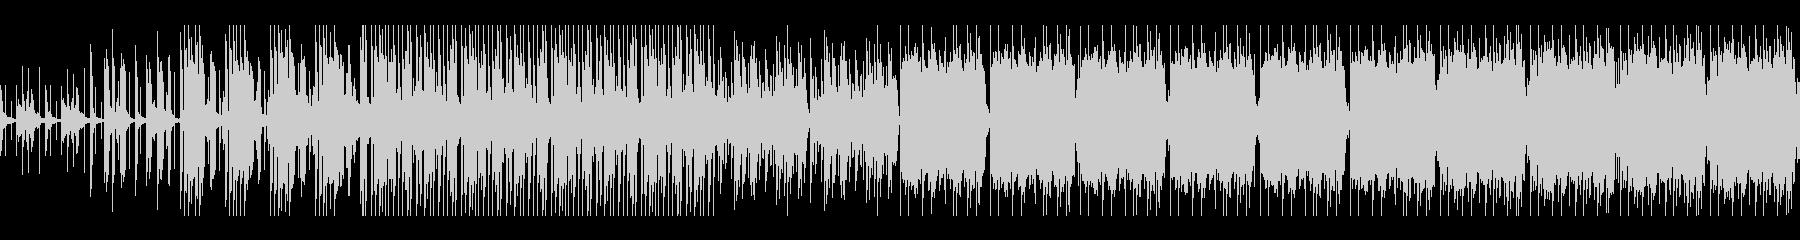 サイケデリックで妖艶なEDM(ループ可)の未再生の波形